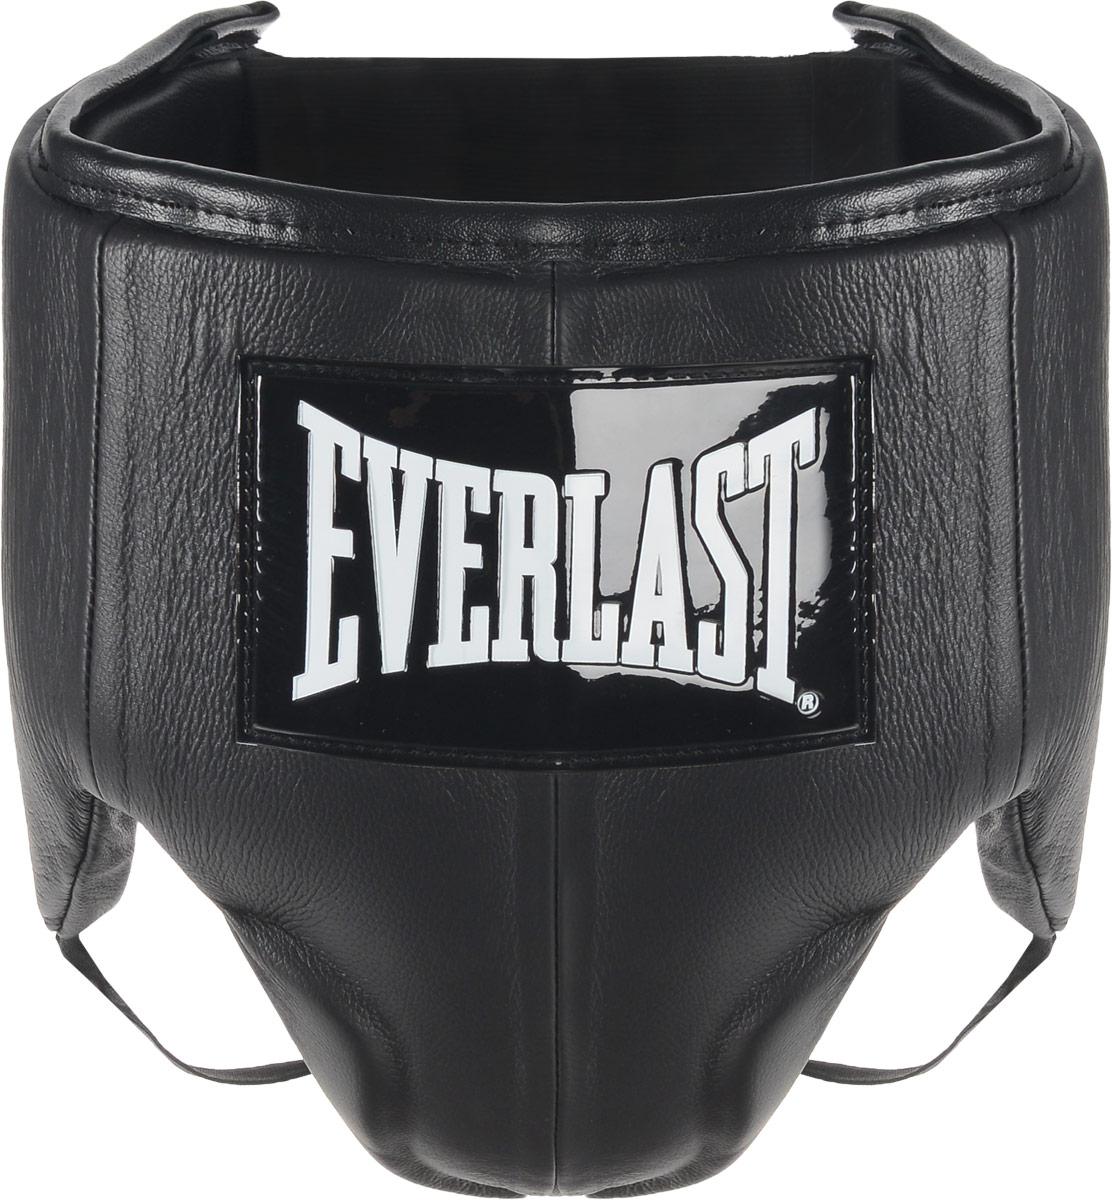 Защита паха мужская Everlast Velcro Top Pro, цвет: черный, белый. Размер XL440601UEverlast Velcro Top Pro это удобный обтягивающий бандаж, идеально подходящий как для тренировочных спаррингов, так и для боя на ринге. Бандаж изготовлен из высококачественной натуральной кожи, а подкладка набита пенным наполнителем высокой плотности, благодаря чему достигается превосходная амортизация ударов. Усовершенствованный облегченный дизайн обеспечивает максимальную подвижность и комфорт, в то же время гарантируя безопасность и полную защиту паха и тазовой области. Удобные застежки на липучке позволят подогнать защиту под ваш размер и плотно зафиксировать ее на теле. Максимальный обхват: 112 см.Минимальный обхват: 101 см.